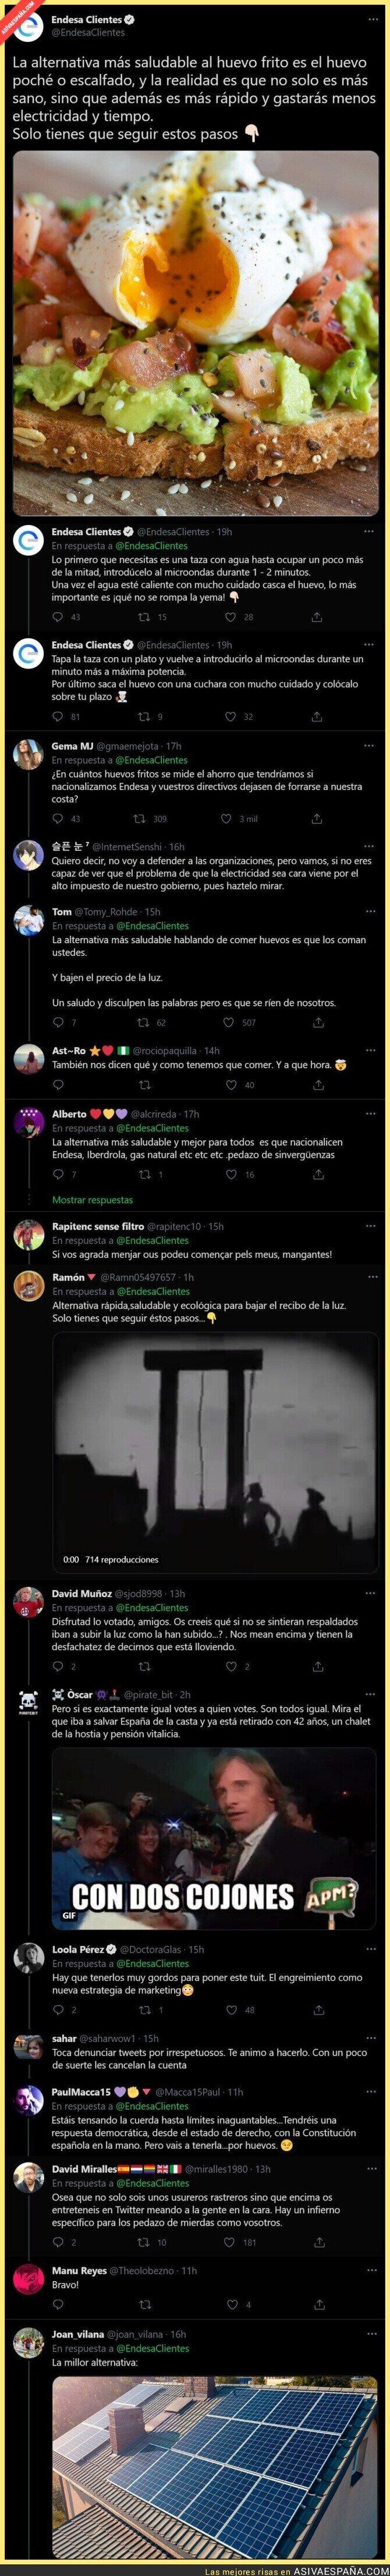 793076 - 'Endesa' se ríe de todos los españoles con este miserable tuit en plena subida de la luz en todo el país